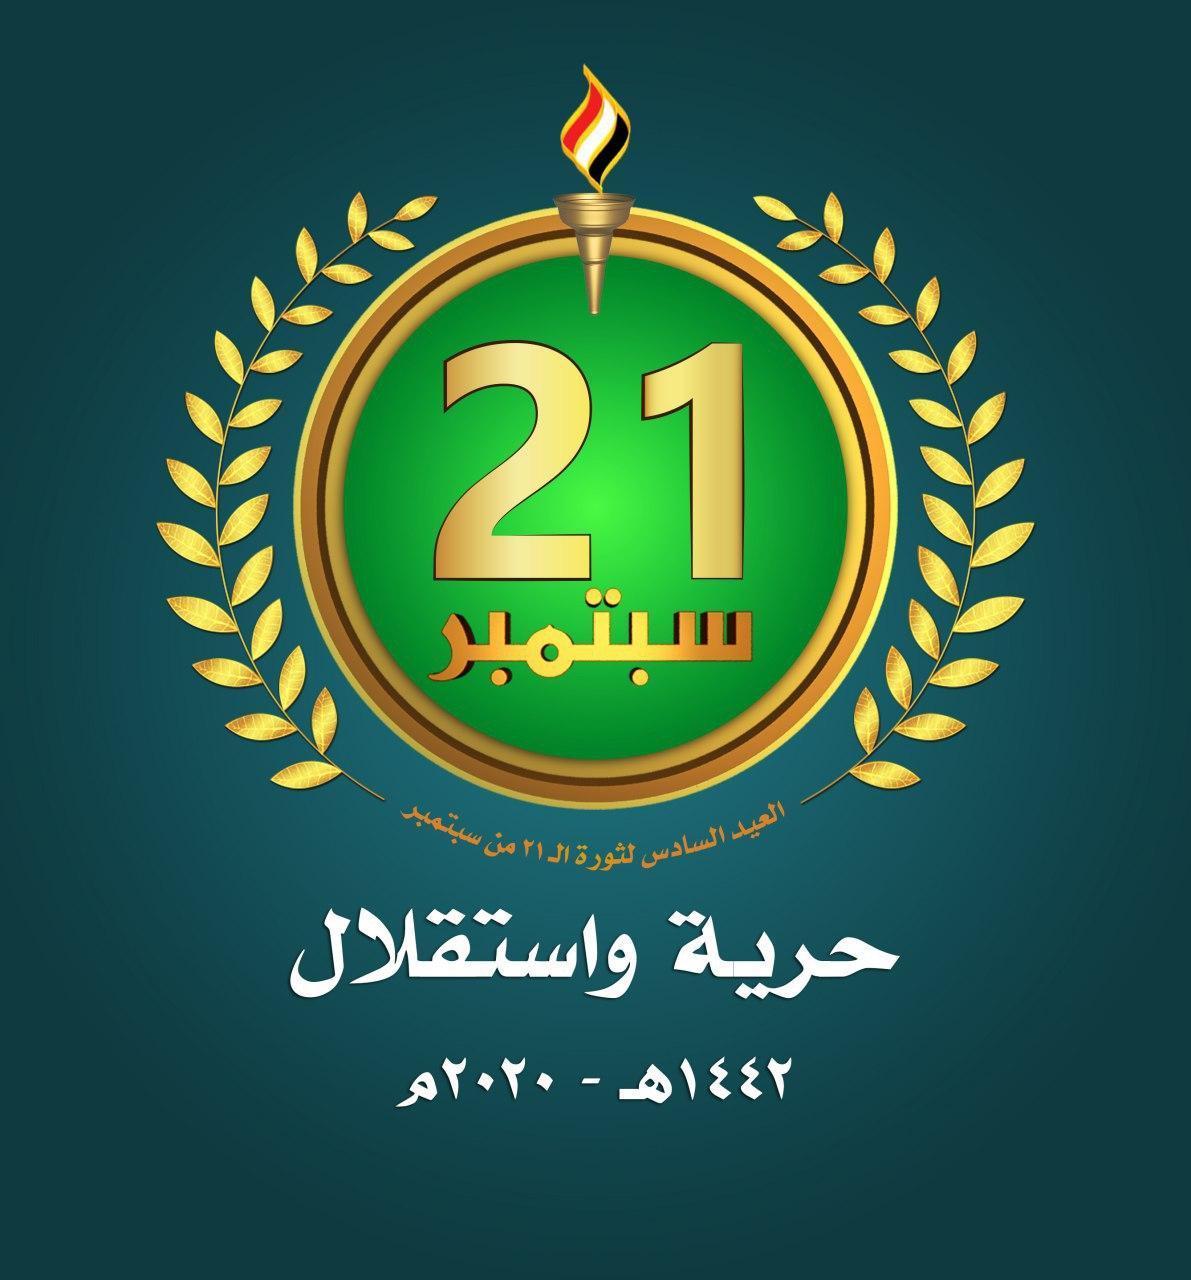 شعار مناسبة 21 سبتمبر